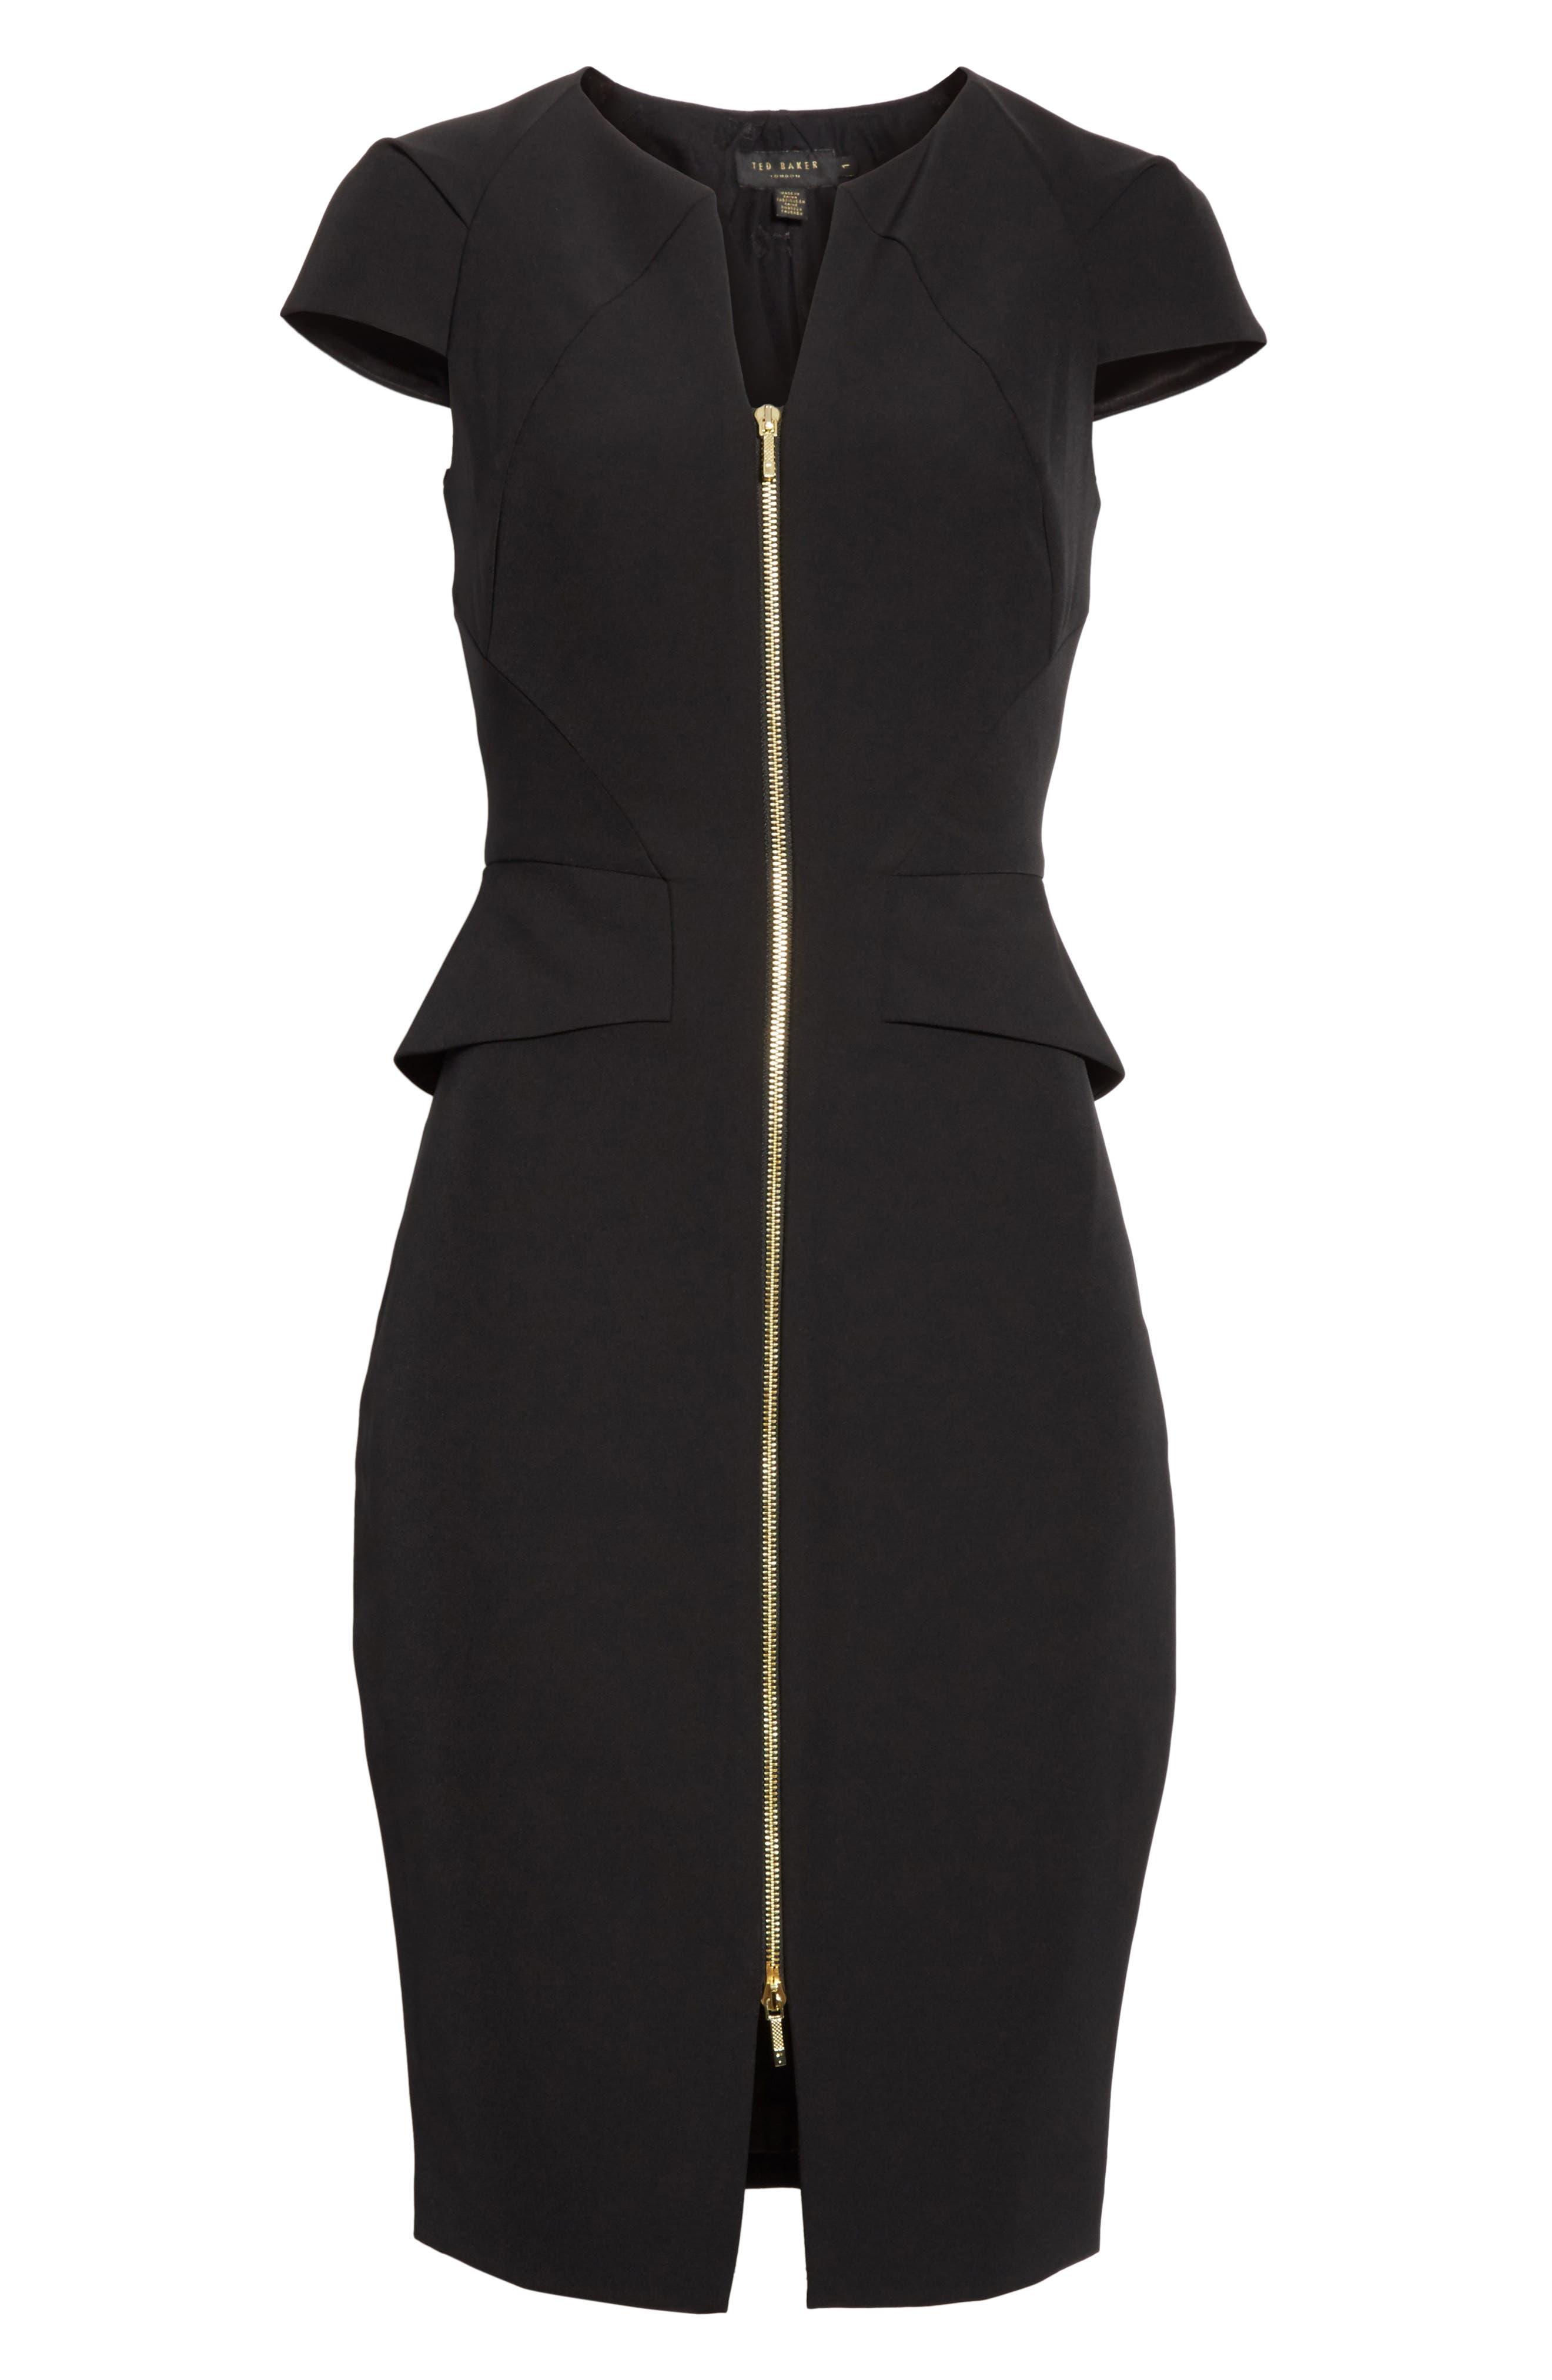 Architectural Pencil Dress,                             Alternate thumbnail 6, color,                             Black